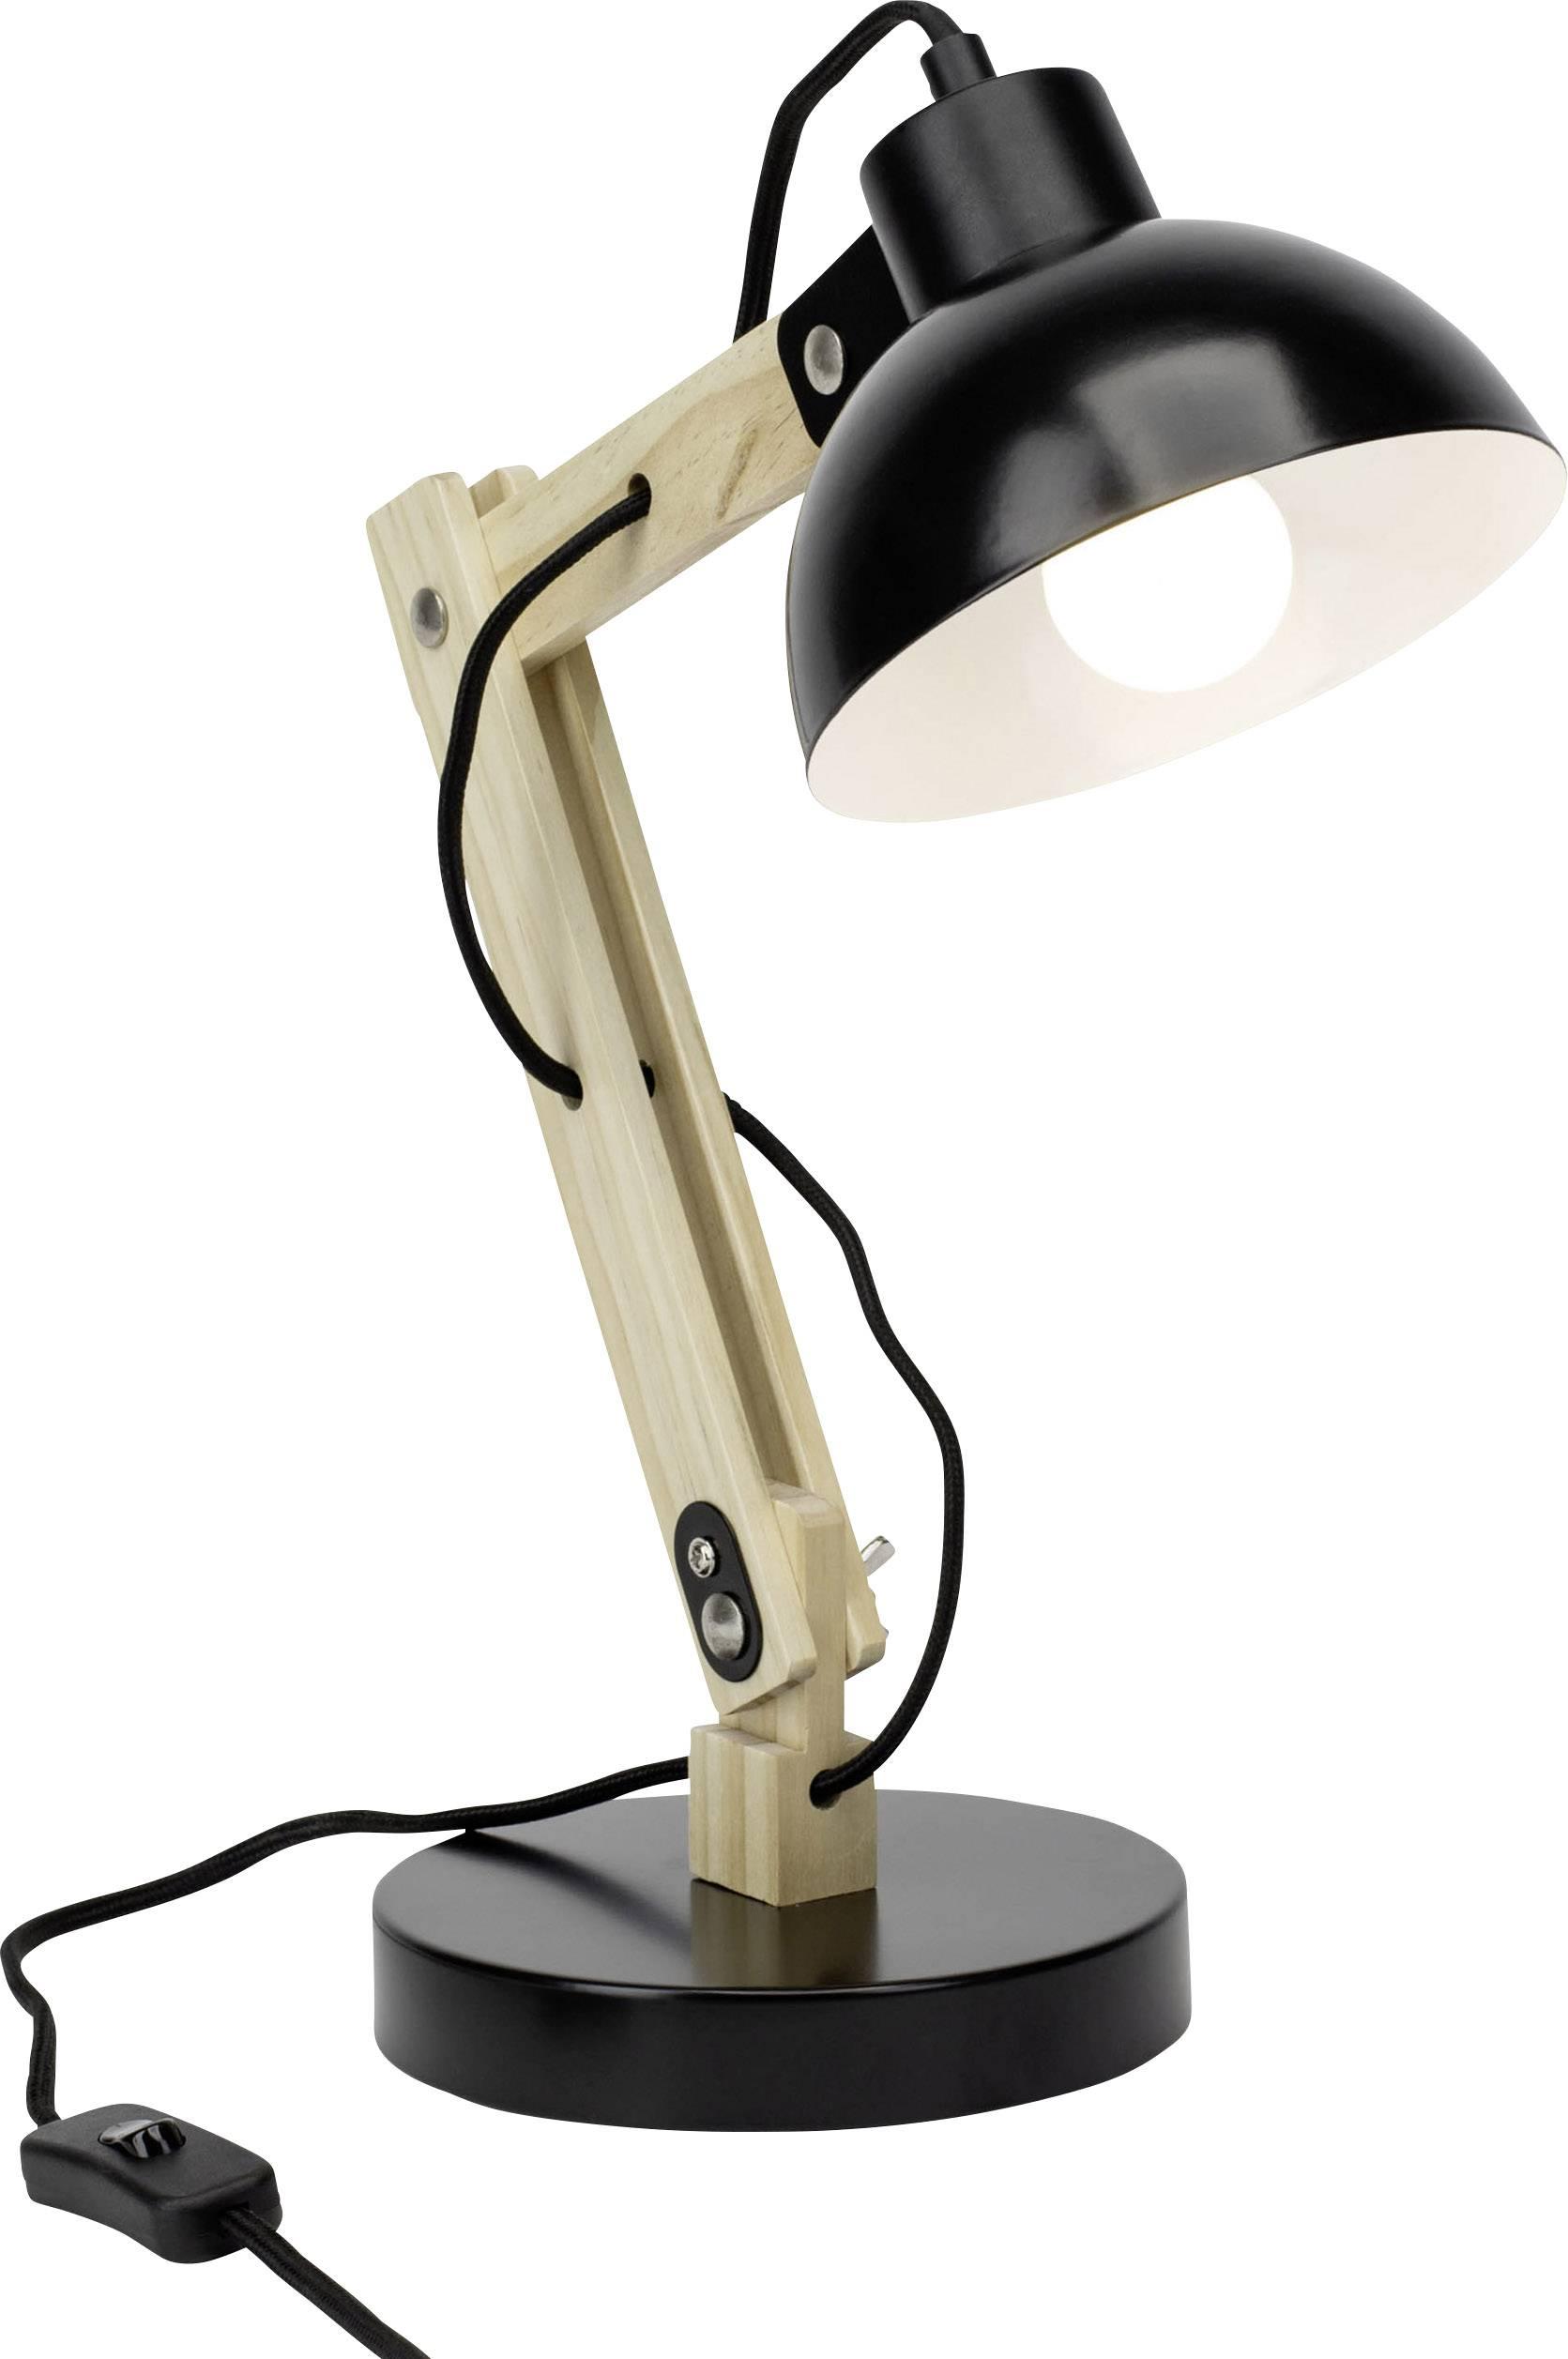 gratuit ampoule en 4 couleurs Philips économie d/'énergie bureau lampe de table bras flexible